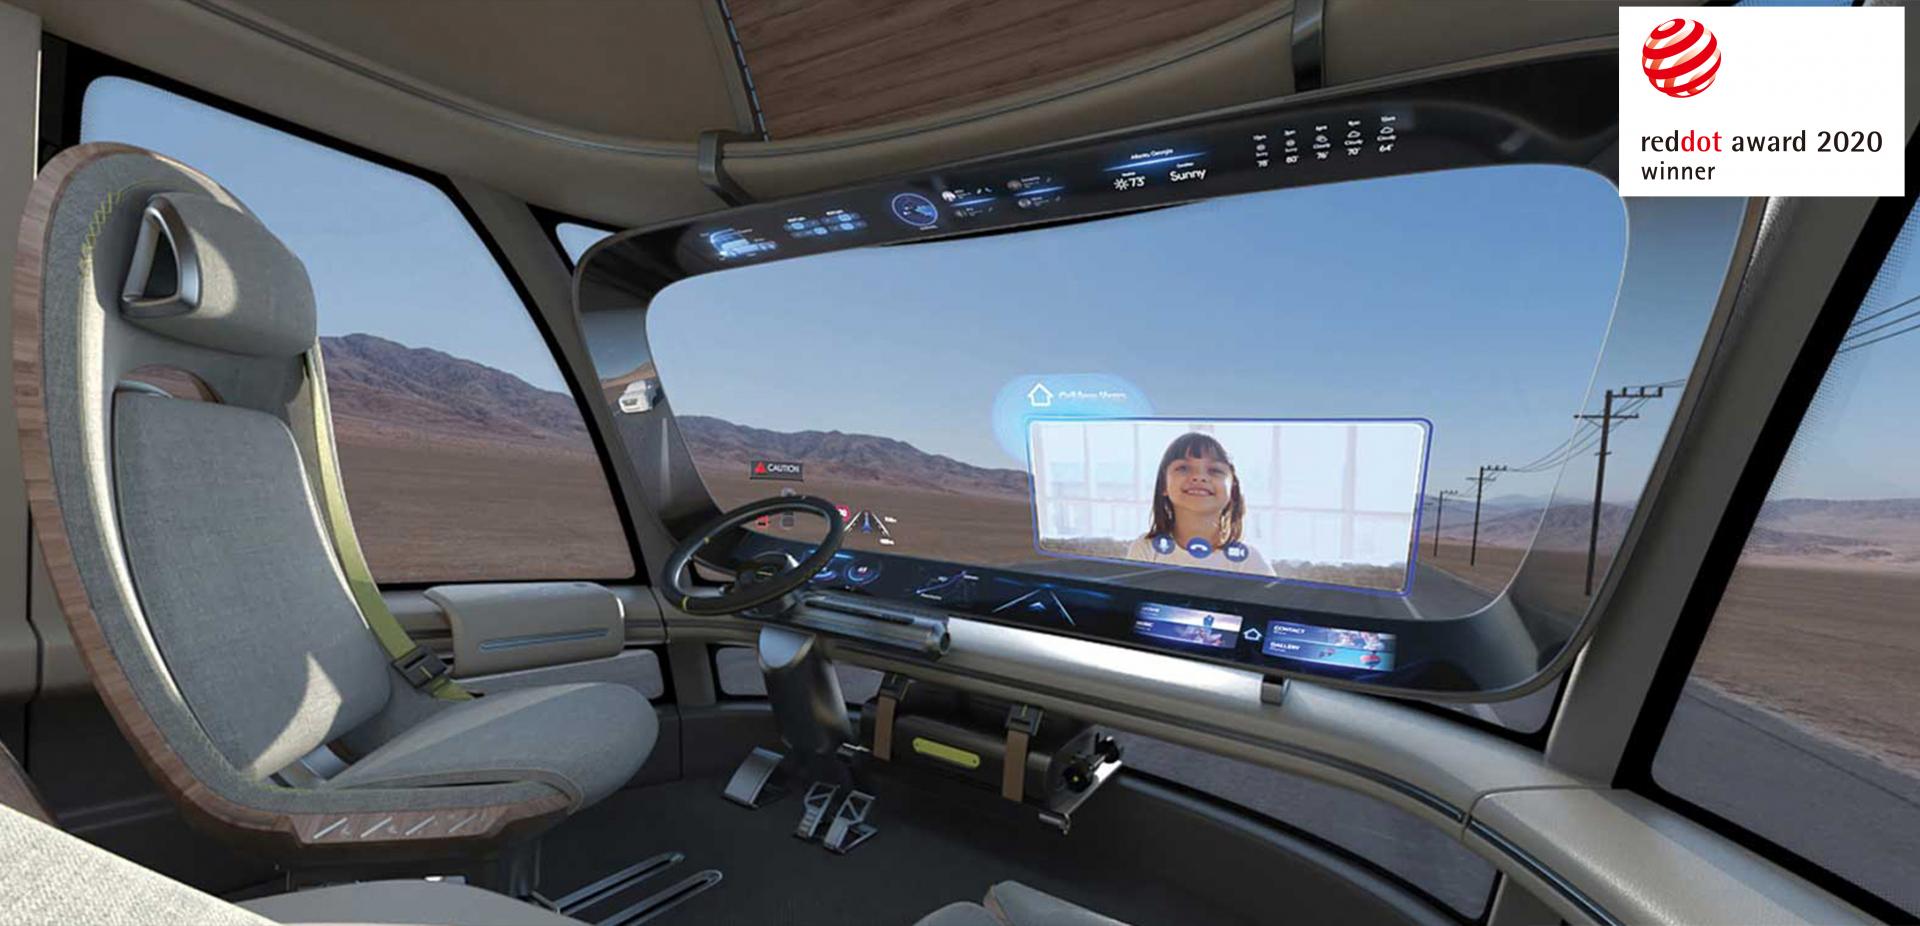 Компанія Hyundai Motor отримала три нагороди Red Dot Award 2020 за концептуальний дизайн | Богдан-Авто Житомир - фото 12